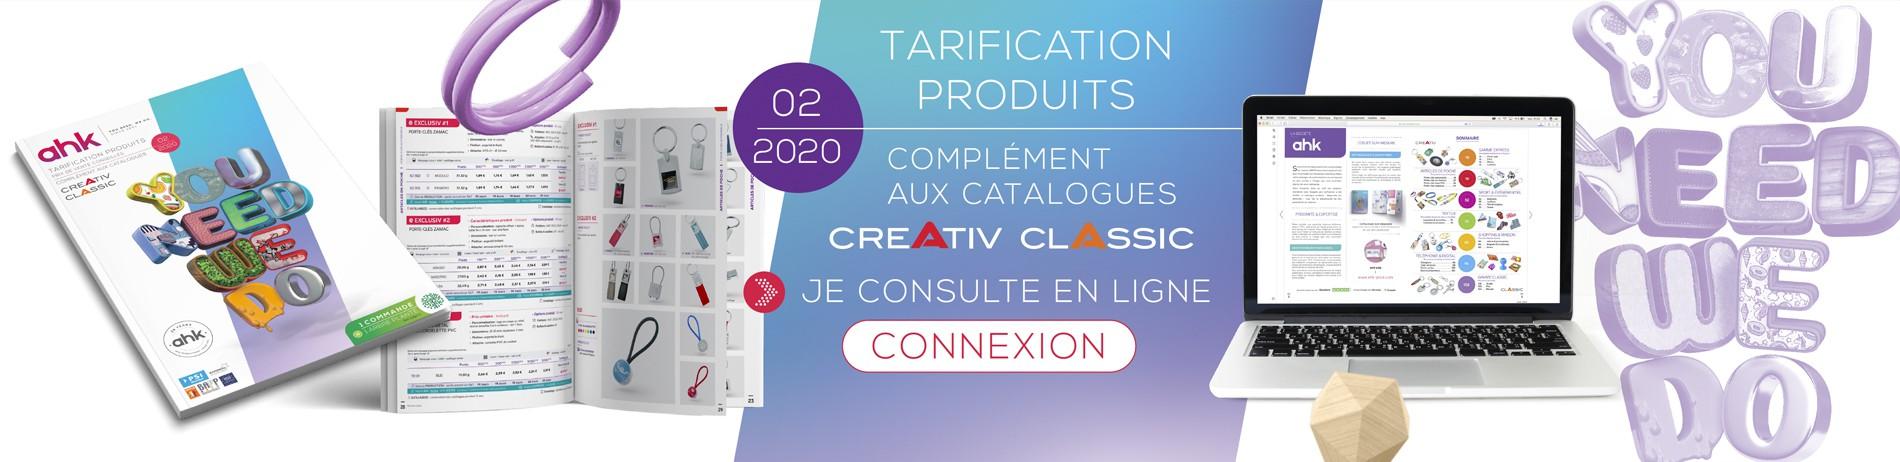 Tarification produits - Complément aux catalogues Creativ & Classic